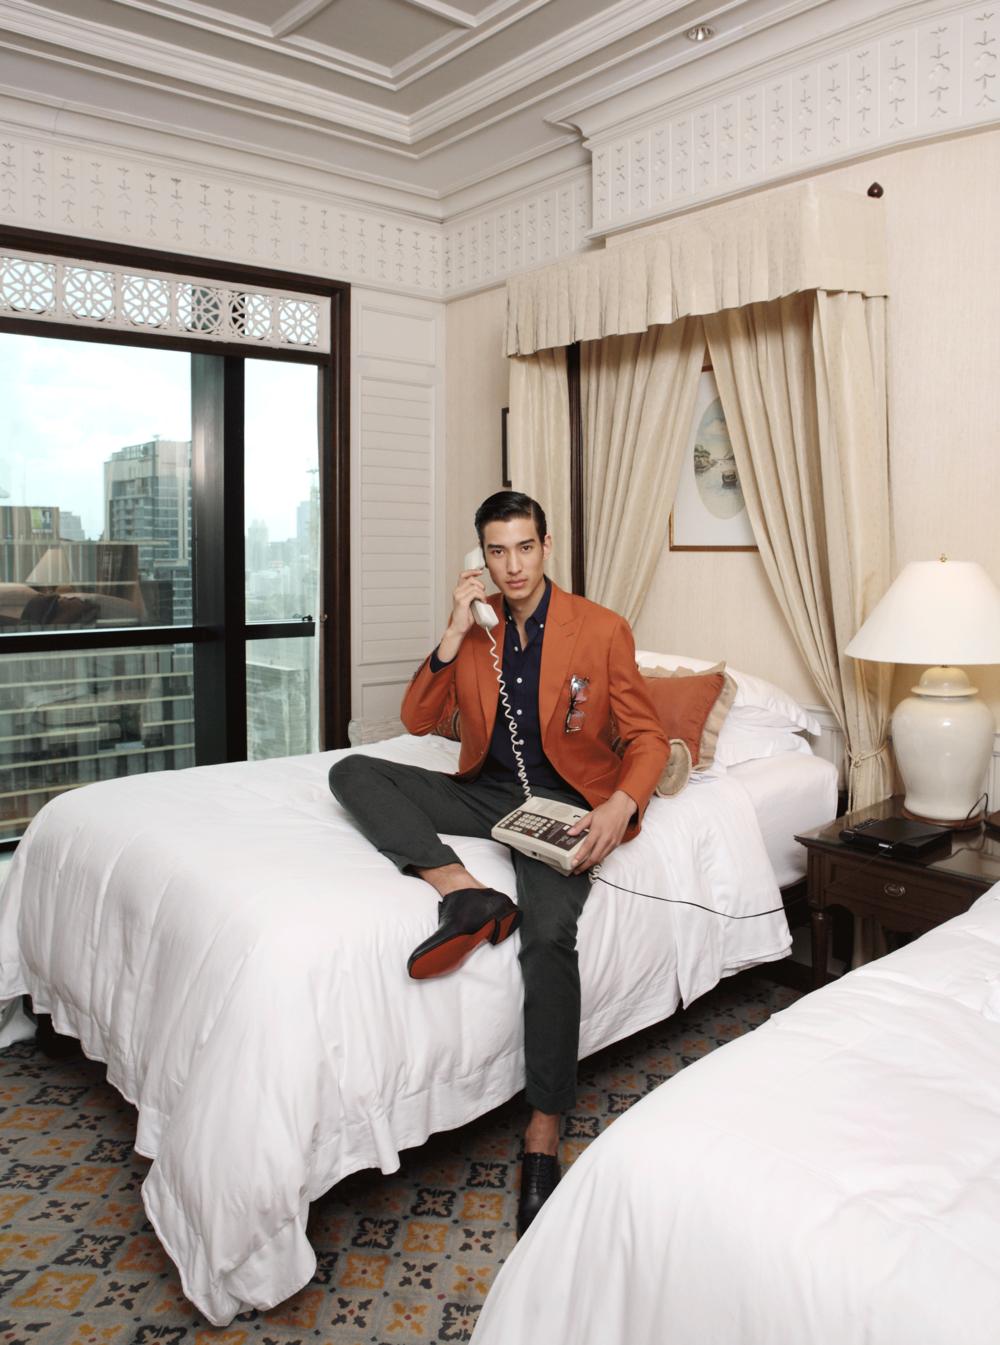 suit & pants : Pink Tailor / shirt : Royal Ivy Regatta / shoes : Christian Louboutin / eyeglasses : Blake Kuwahara